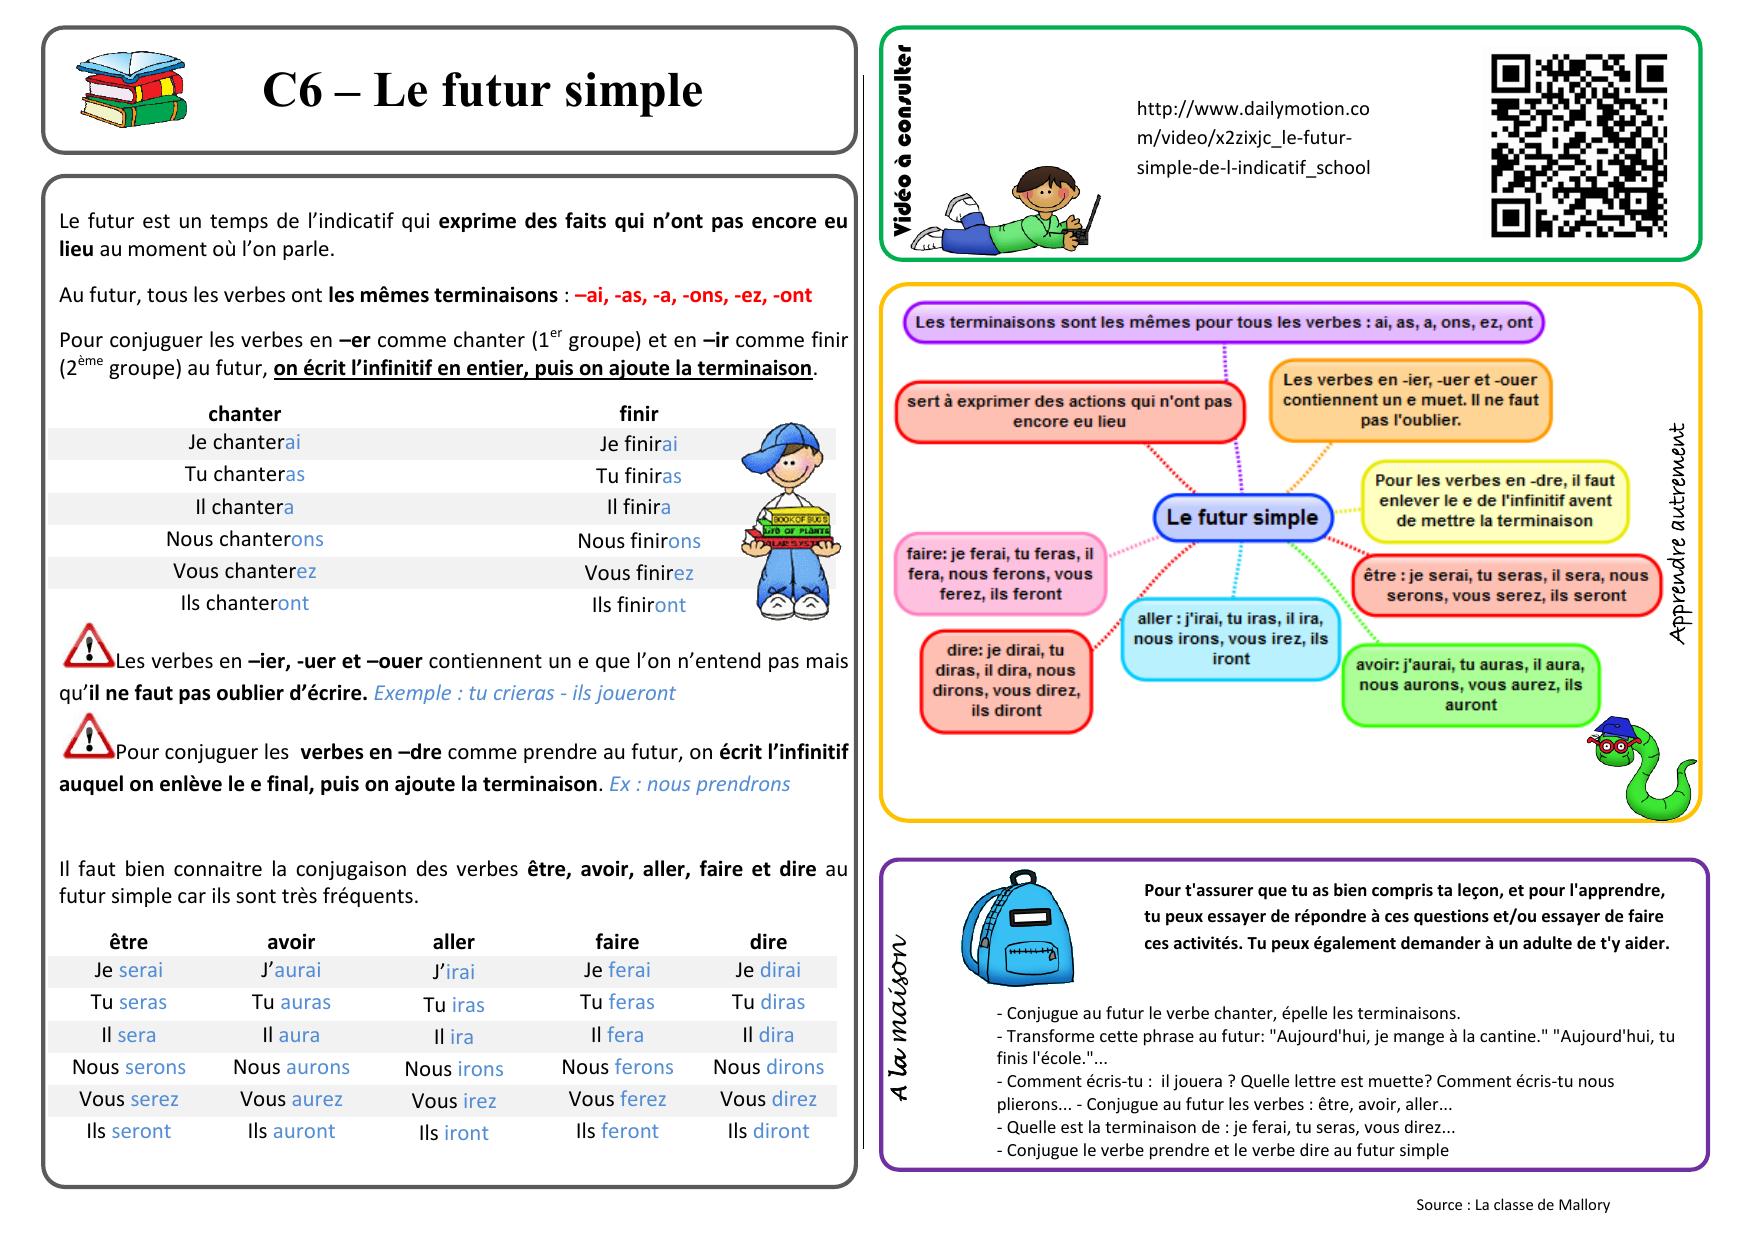 C6 Le Futur Simple